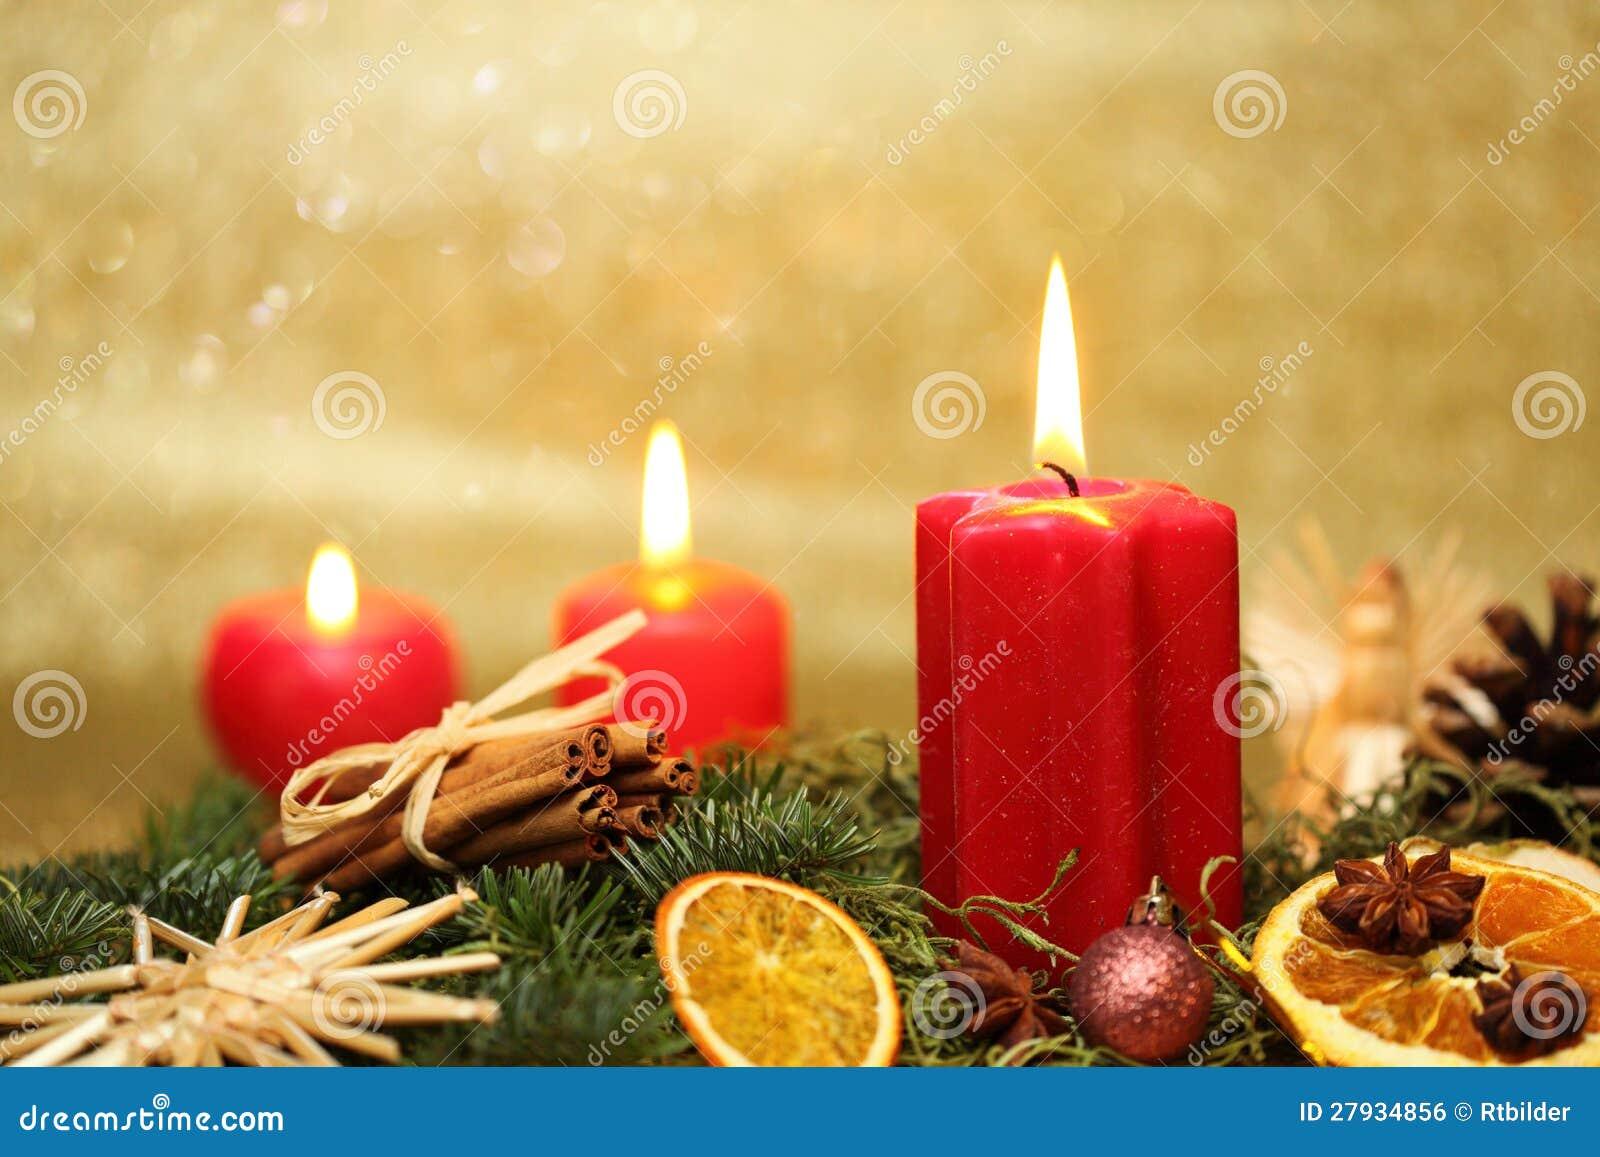 Weihnachtsspray stockfoto. Bild von festlichkeit, farbe - 27934856